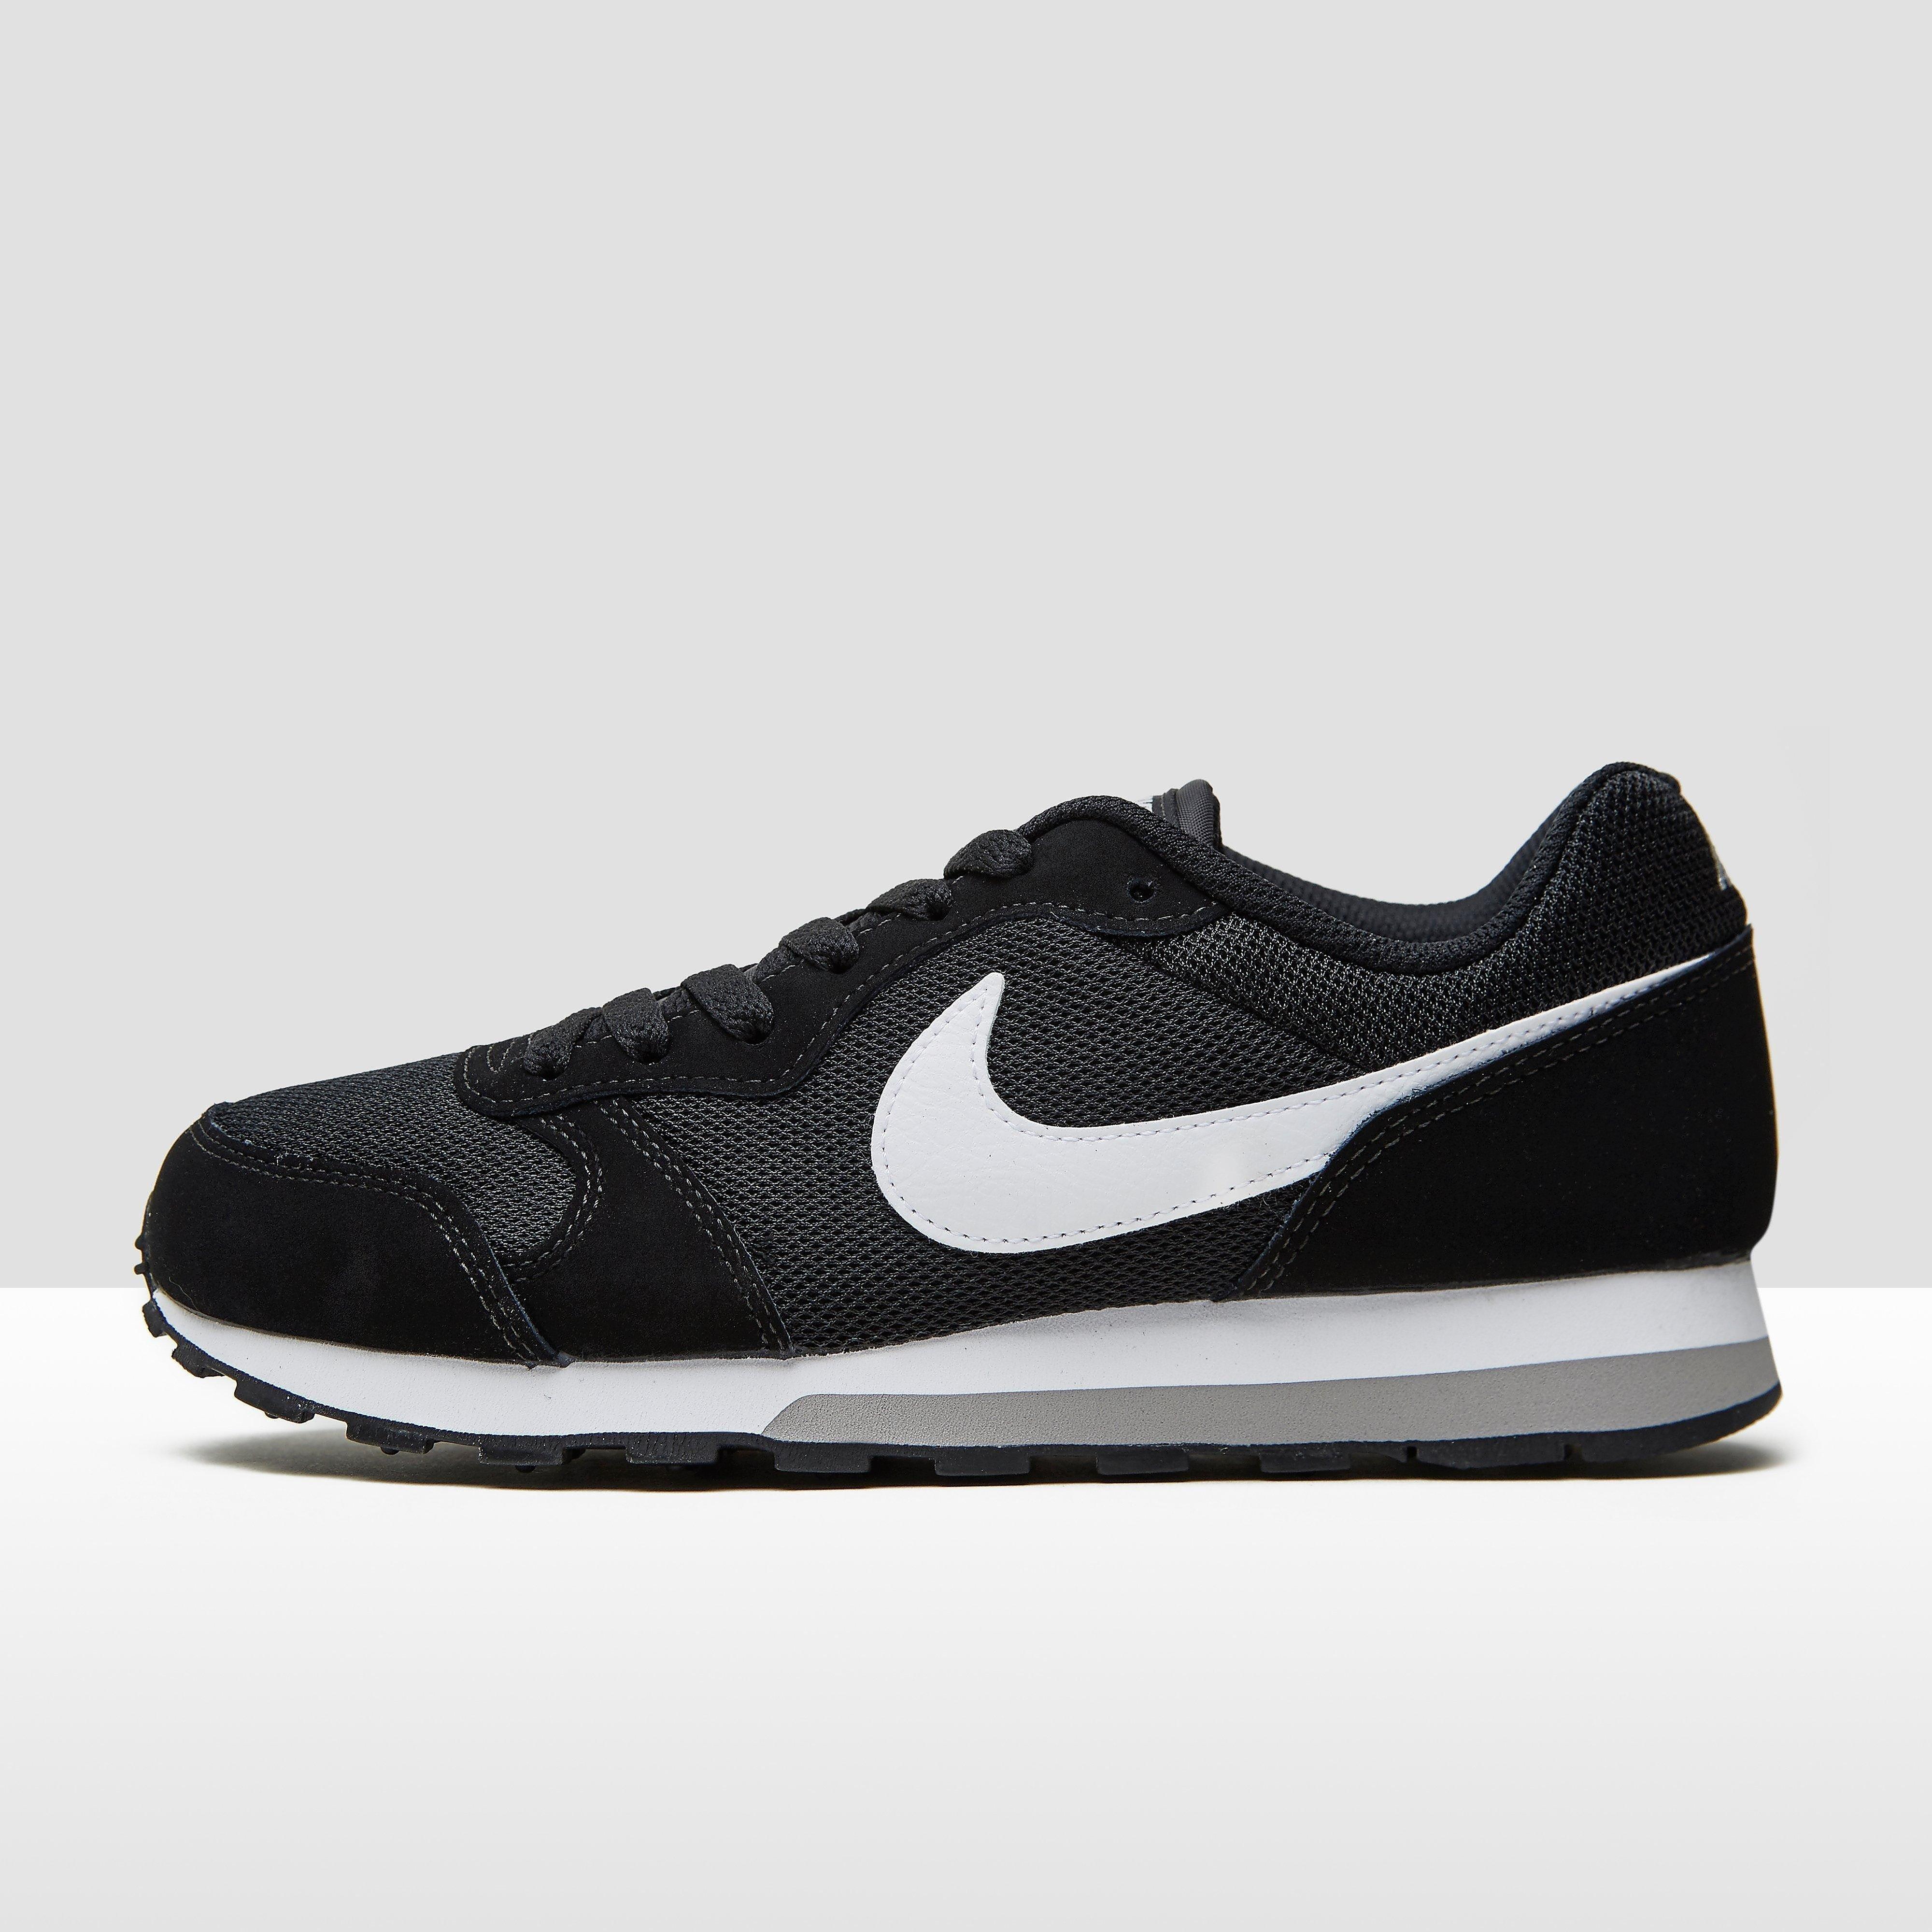 Nike Md Runner 2 Sneakers Femmes Noir / Blanc jAw0WuuLe